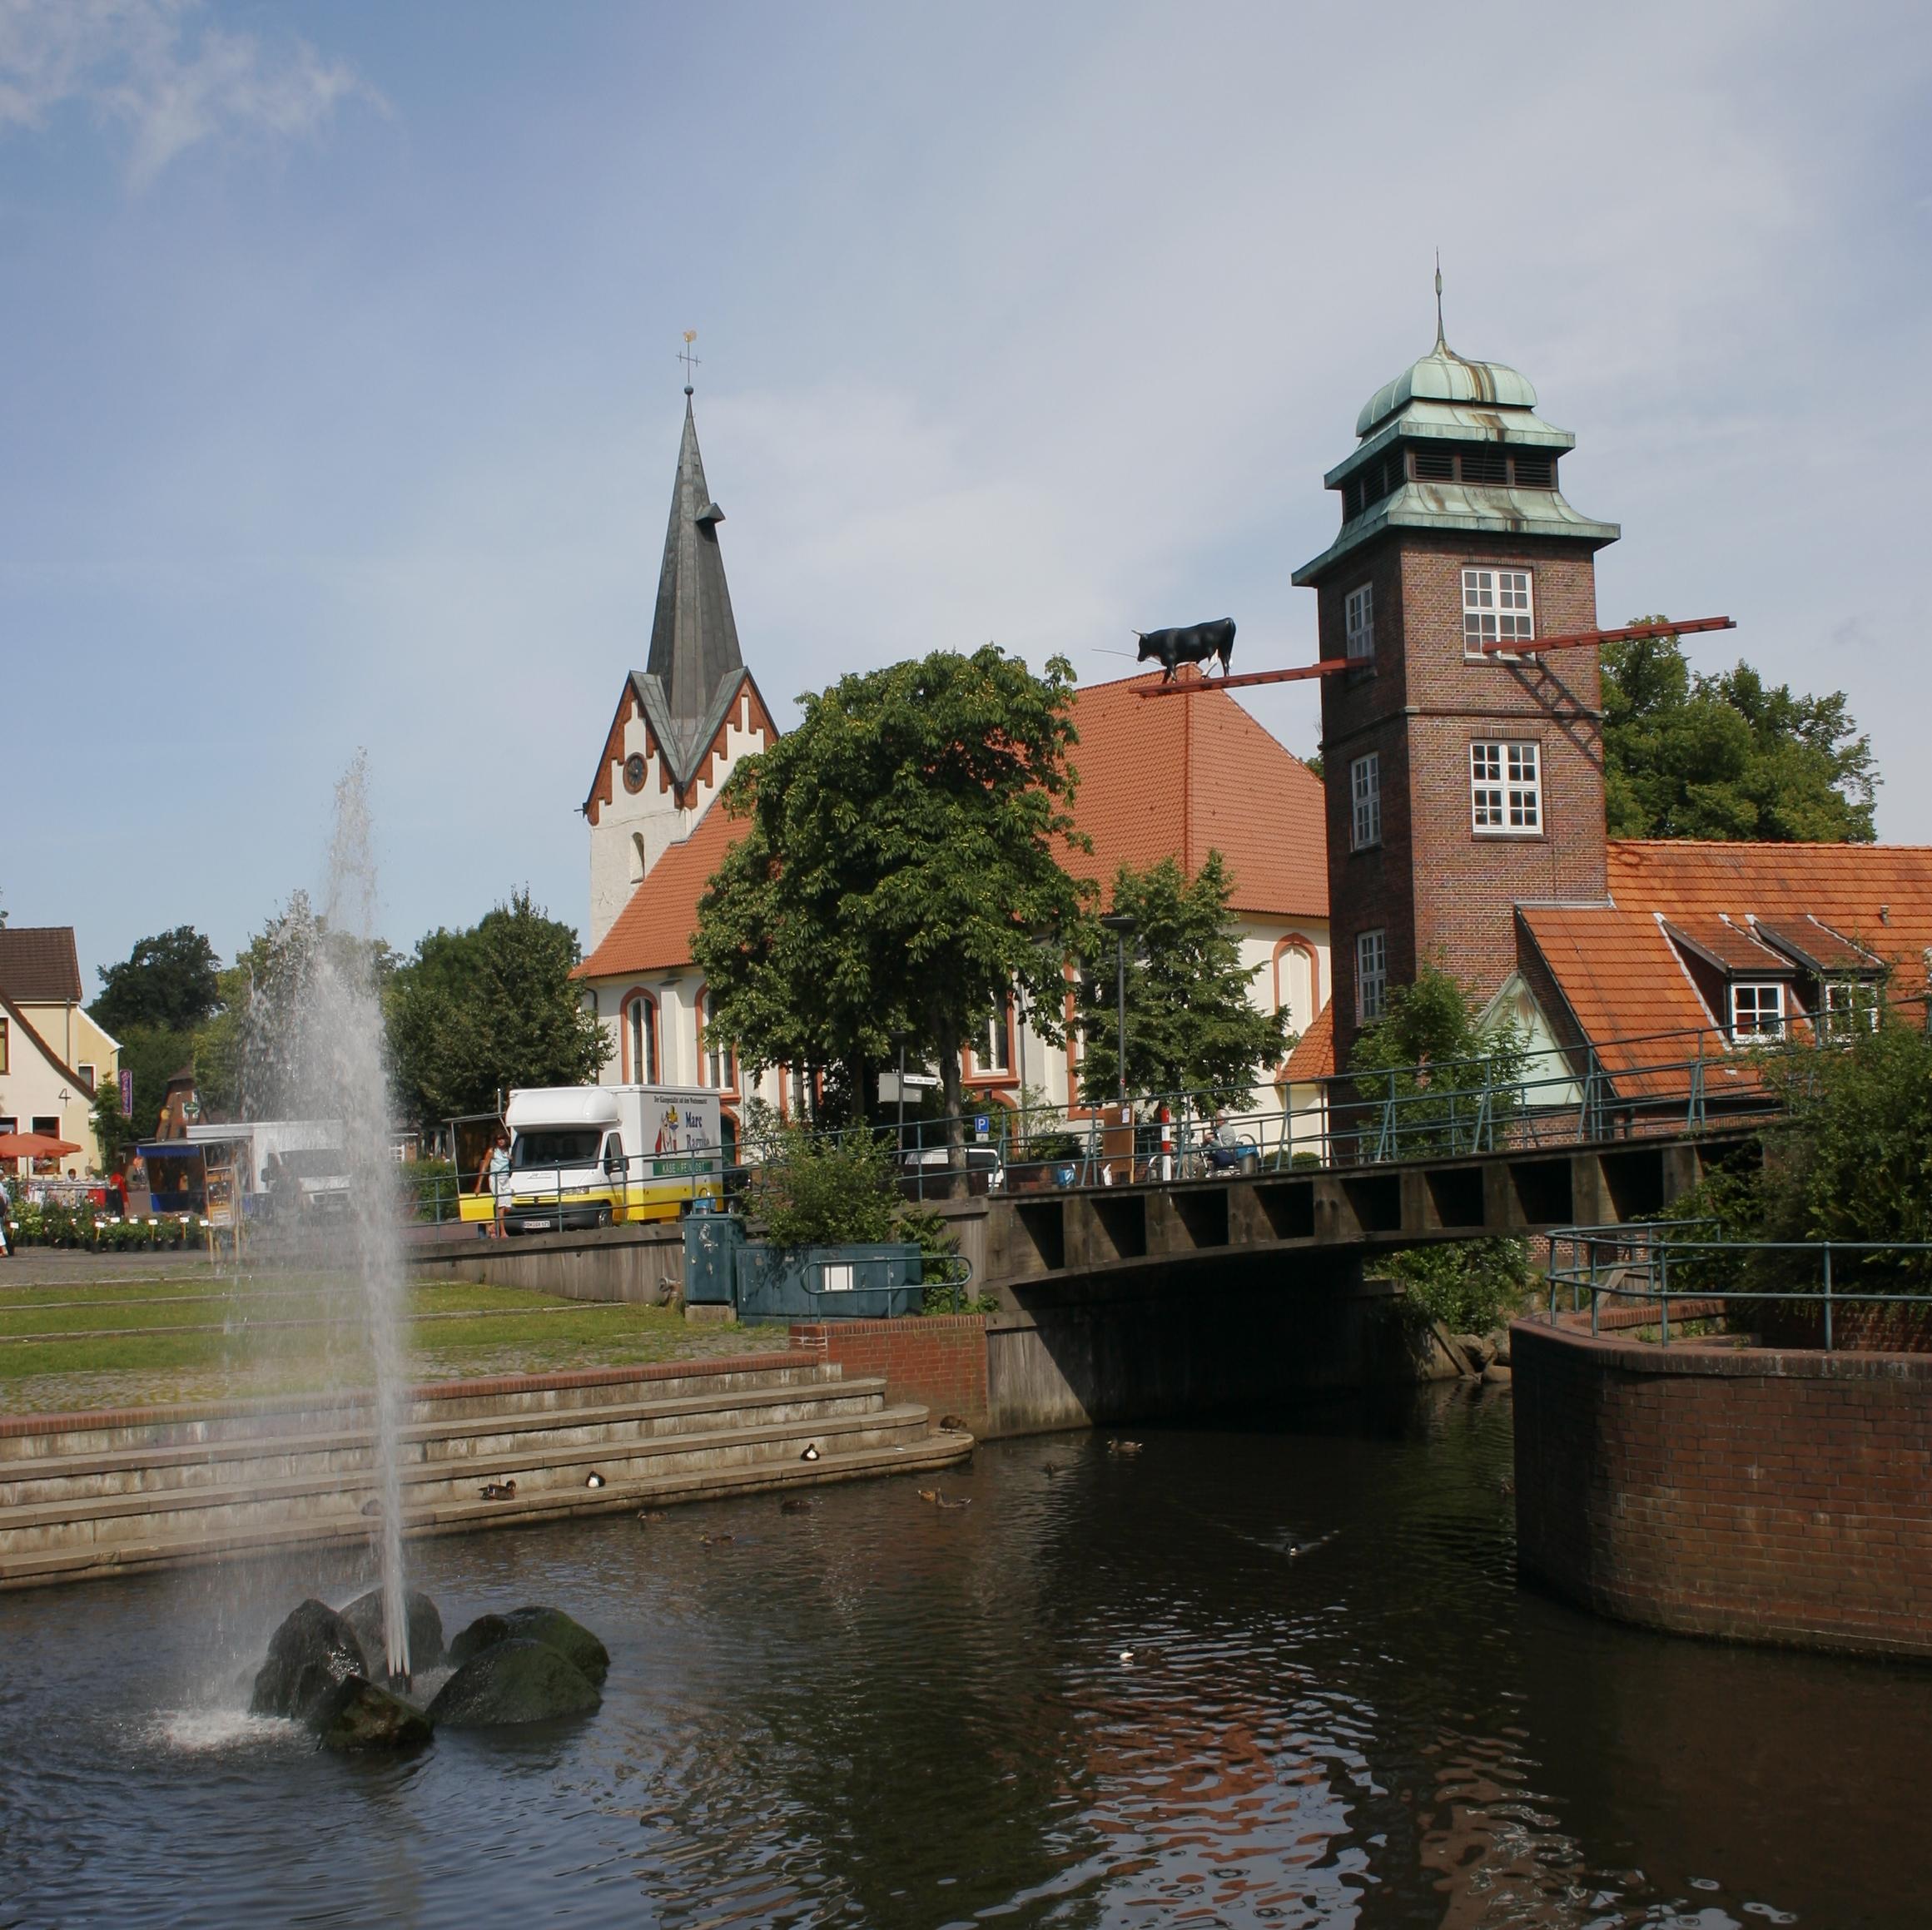 Marktplatz Osterholz-Scharmbeck